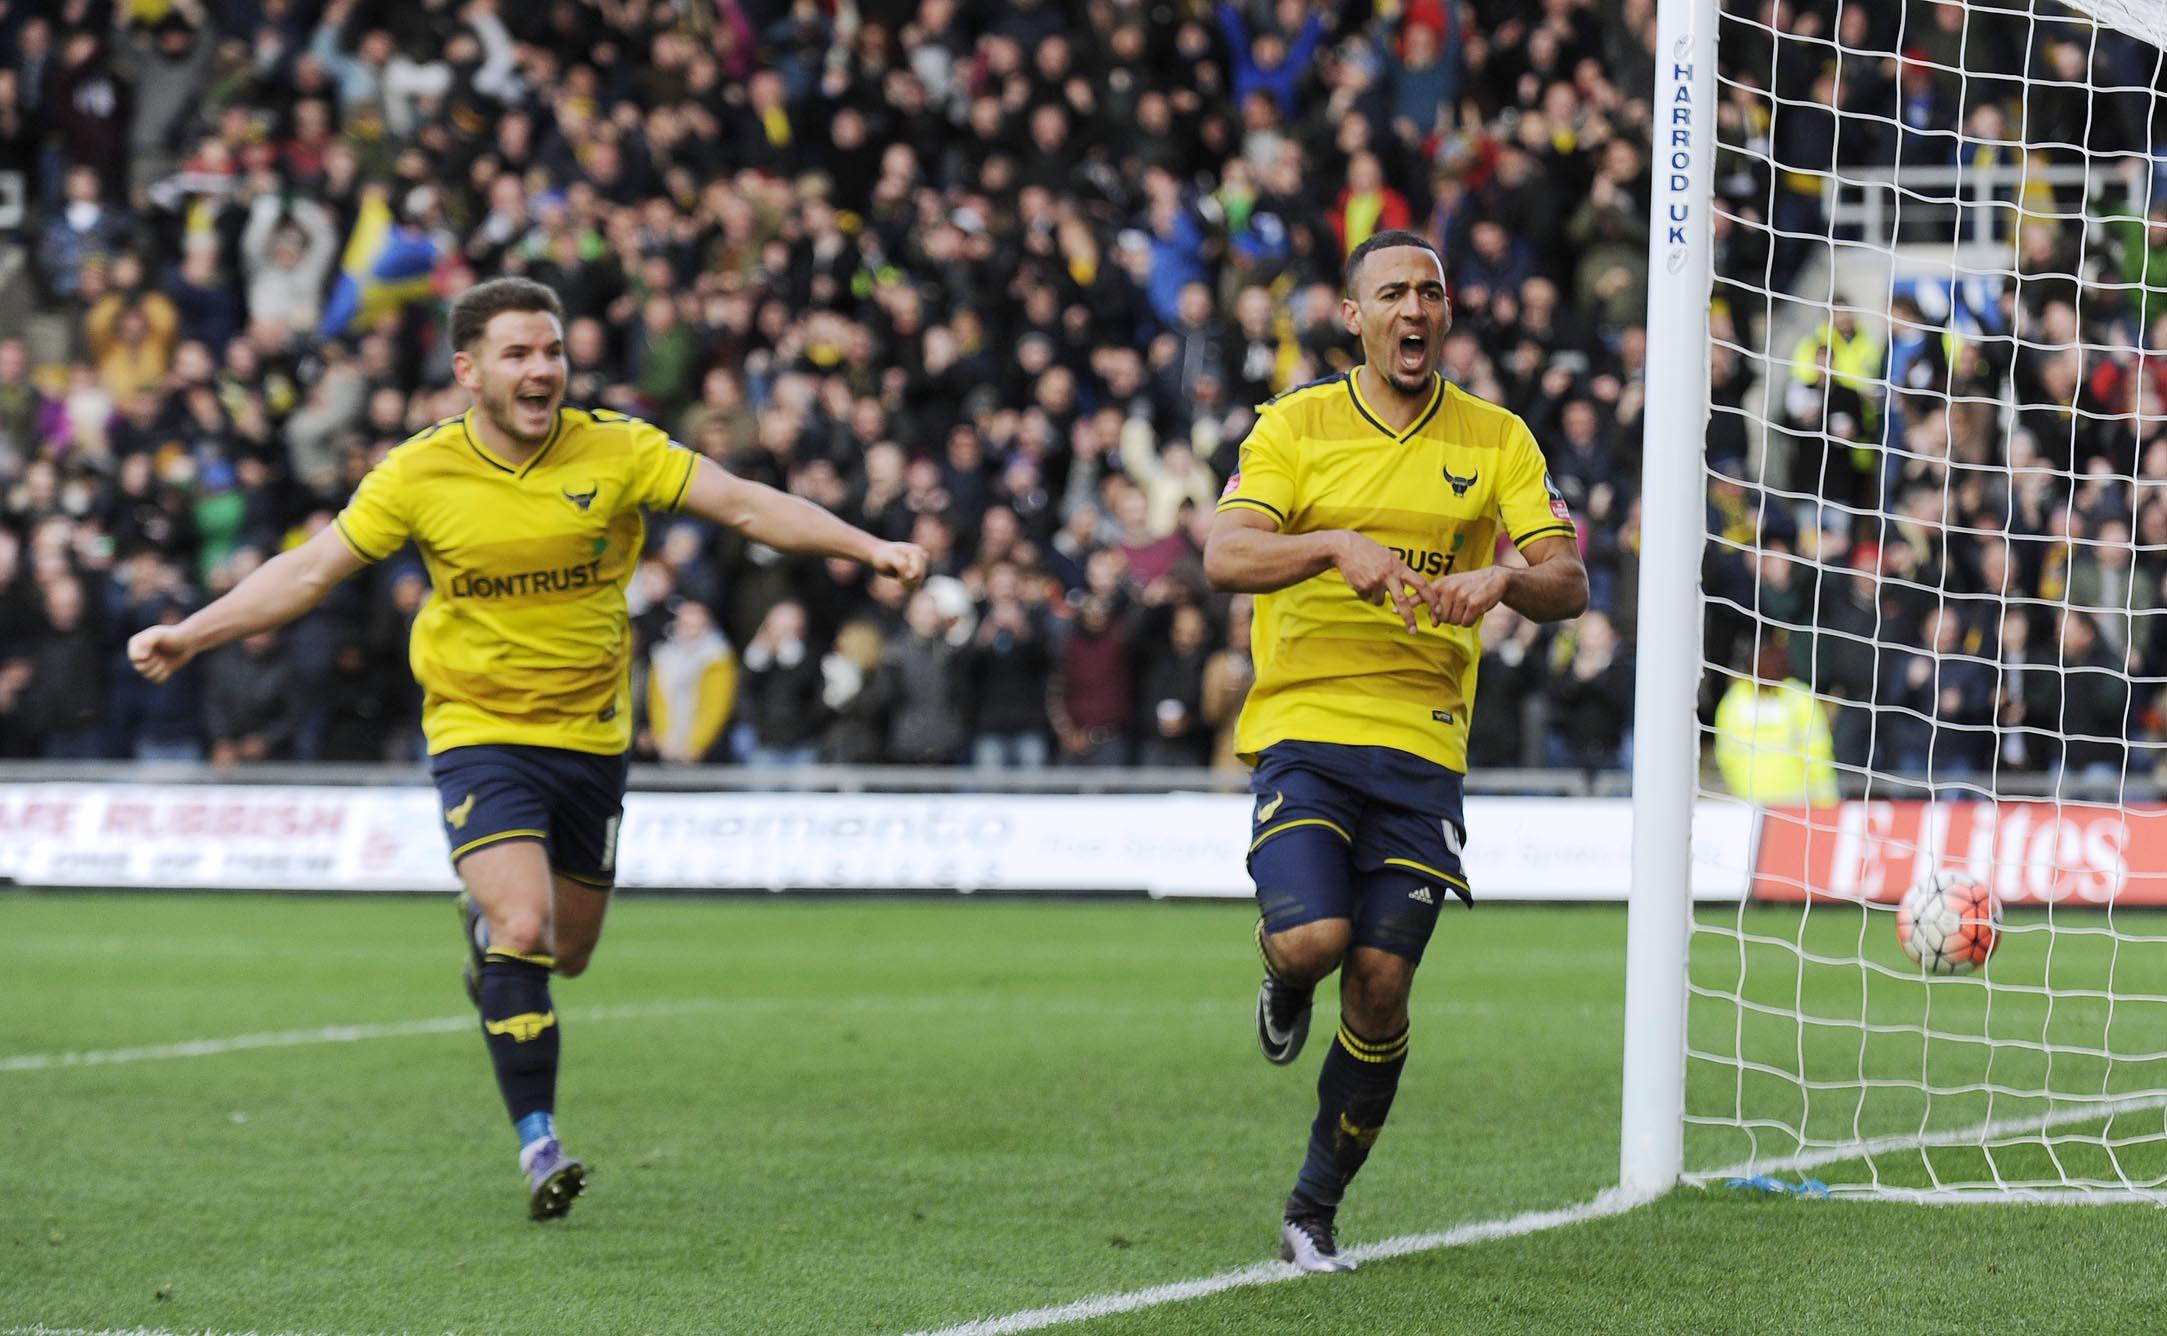 FA Cup Swansea City vs Oxford United 2016